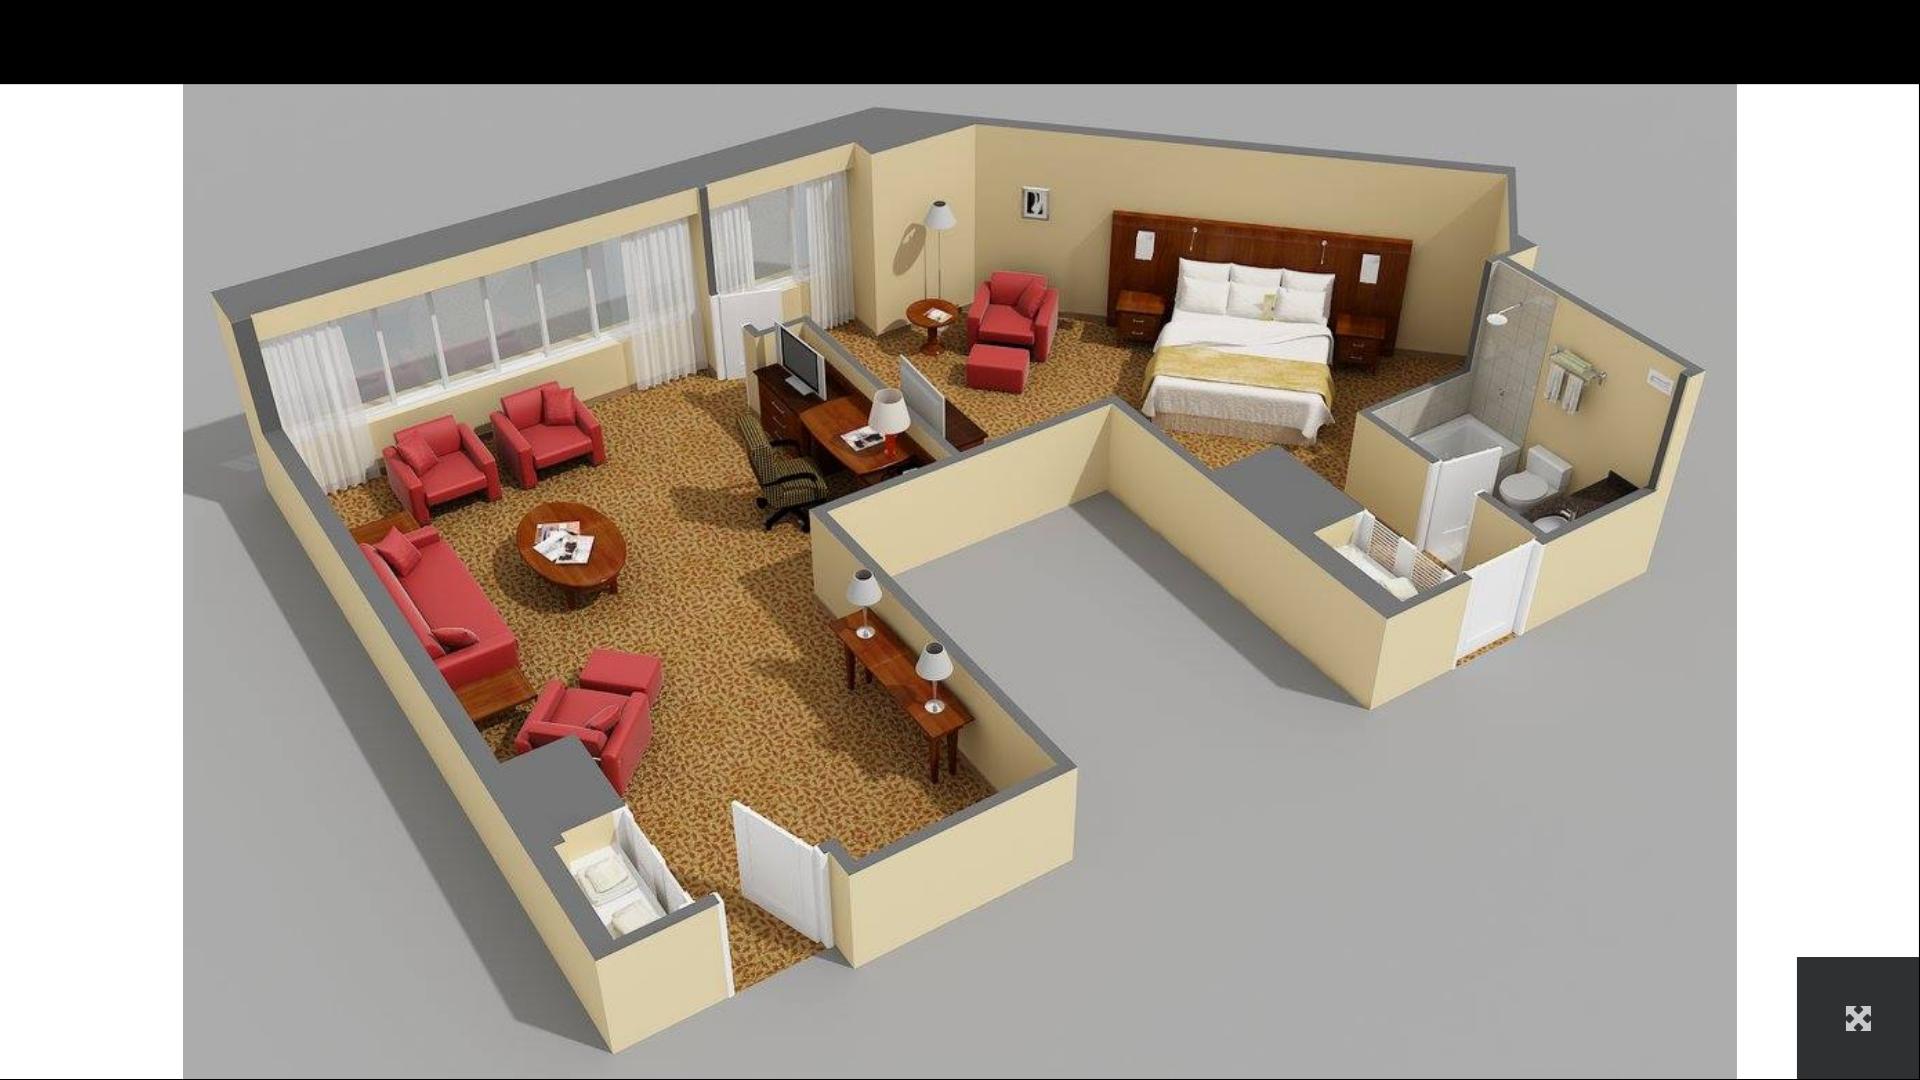 3d house plans google play store revenue download estimates nigeria